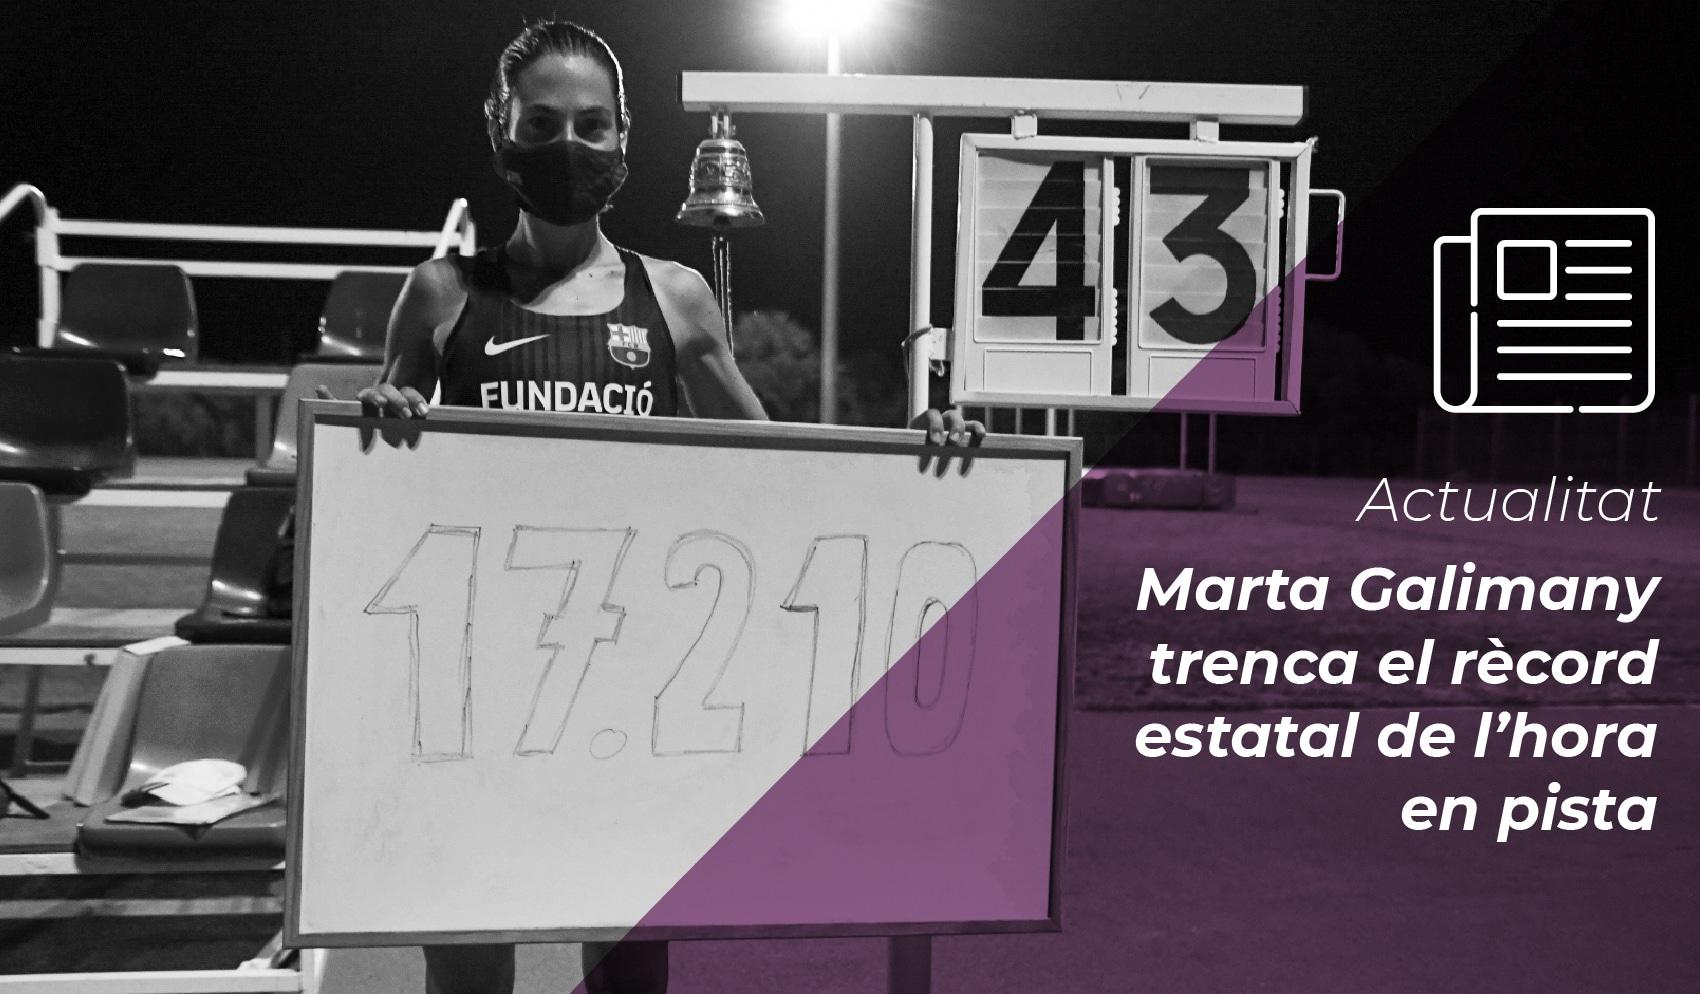 Marta Galimany trenca el rècord estatal de l'hora en pista 8